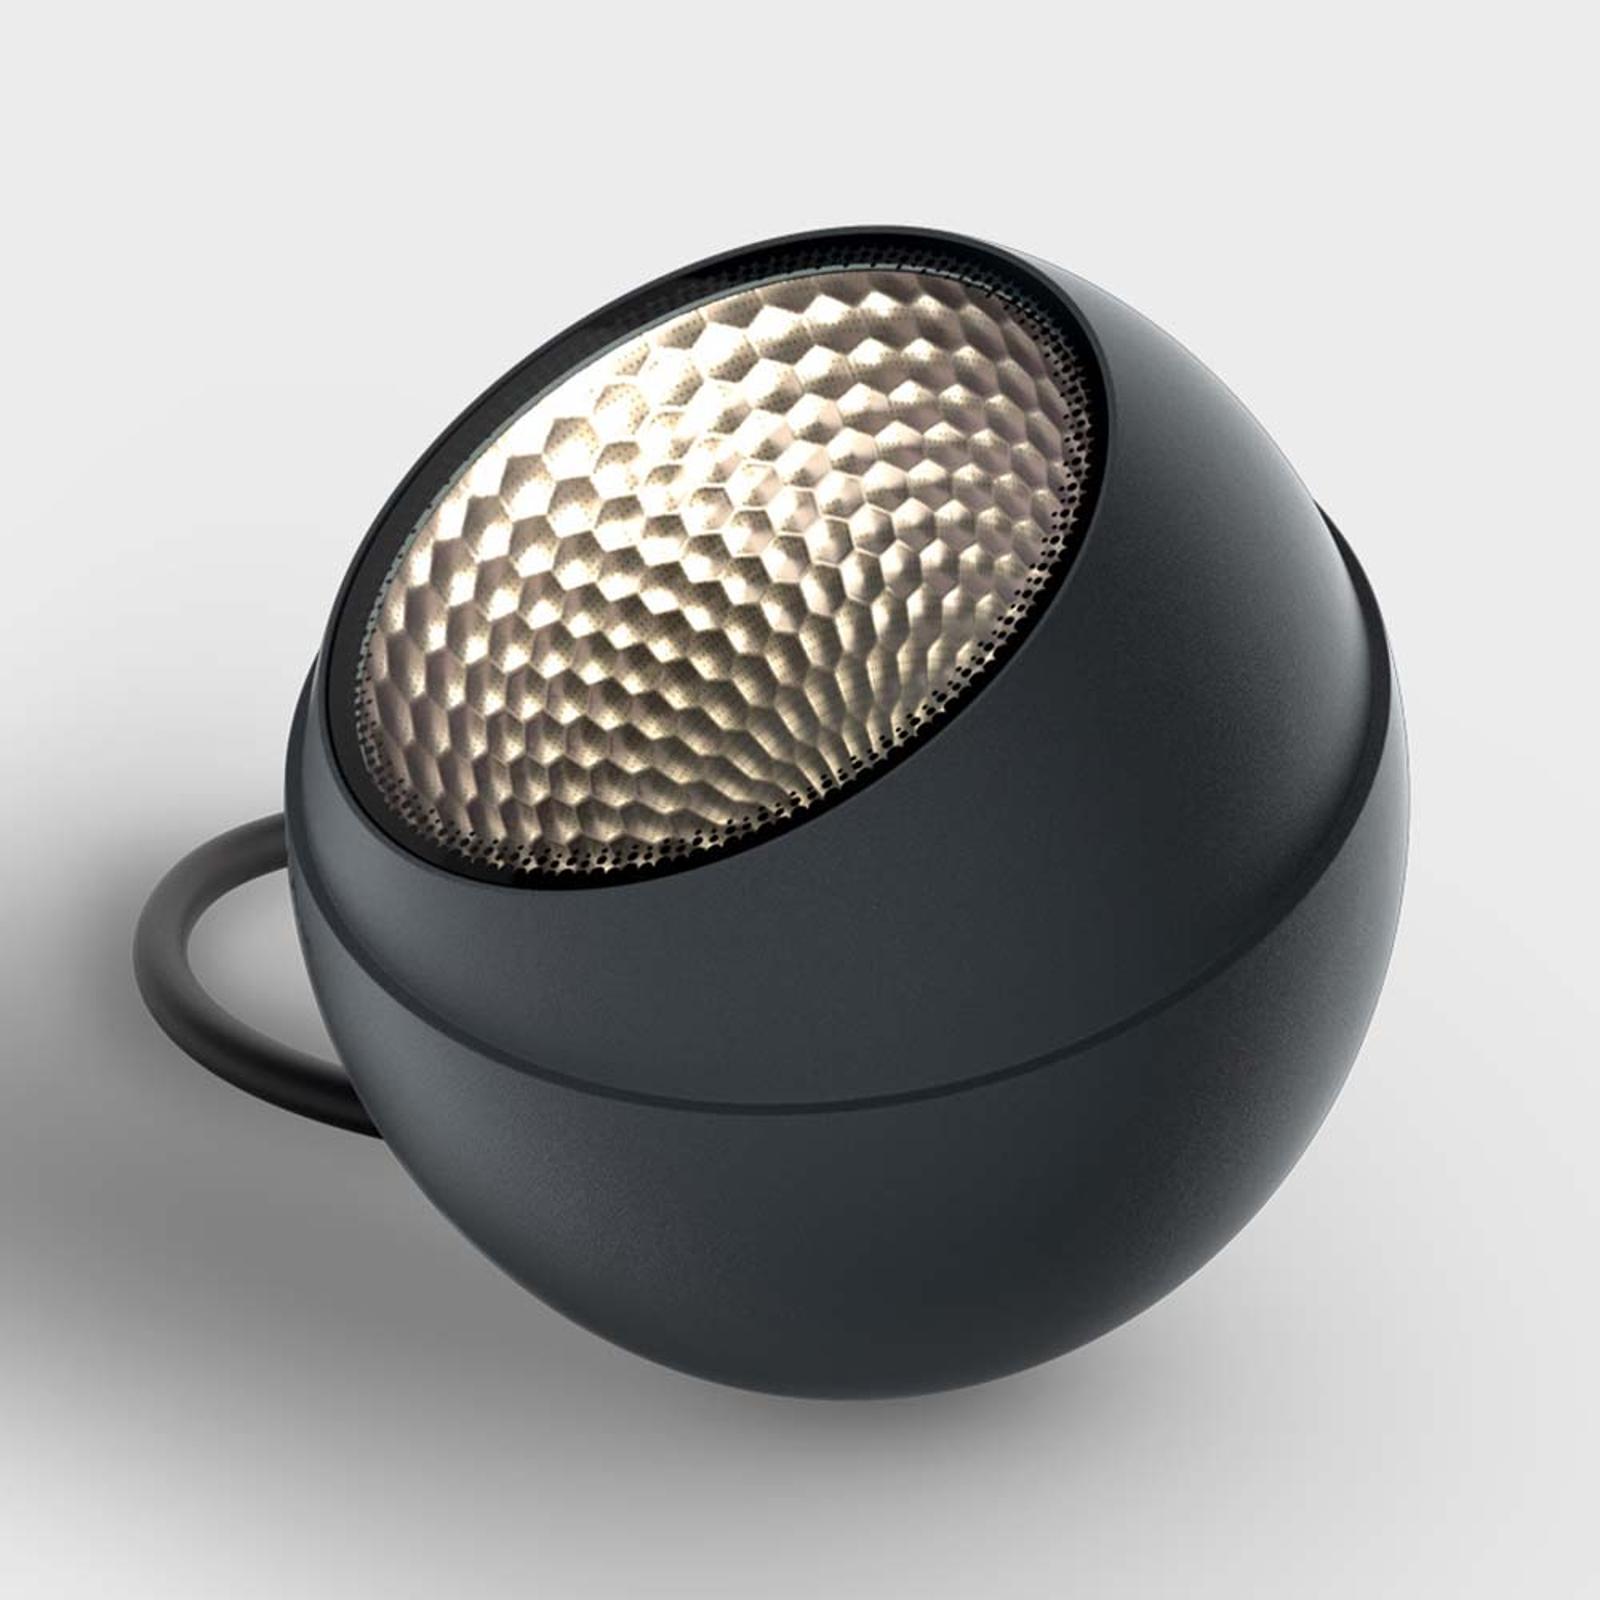 Acquista IP44.de Shot faretto a LED color antracite